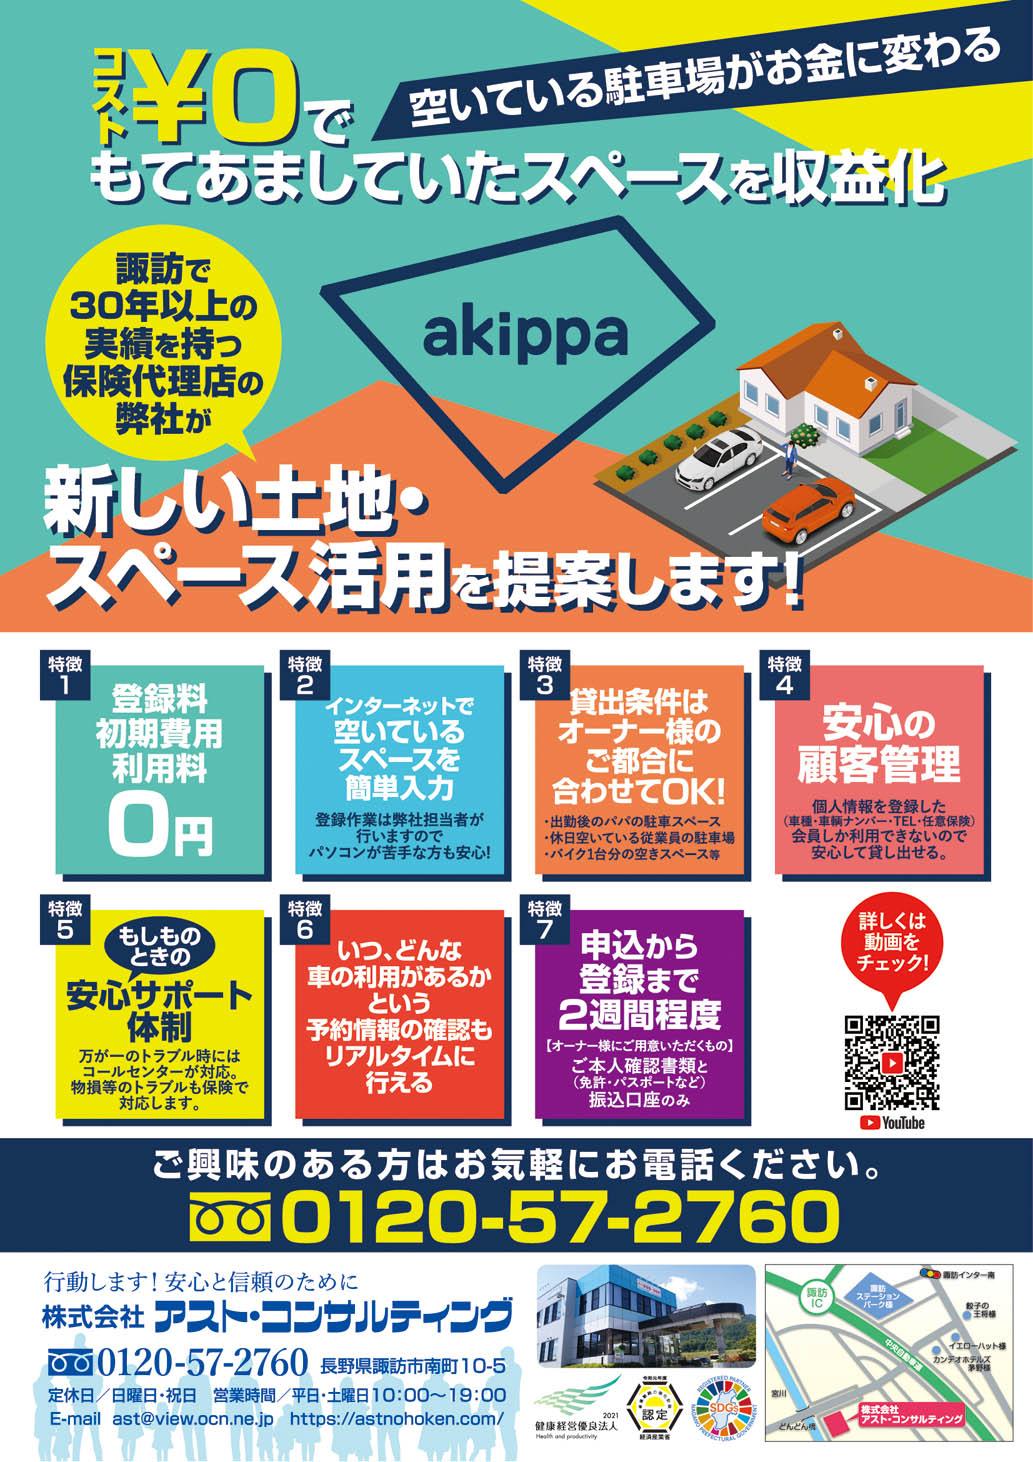 akippa_b